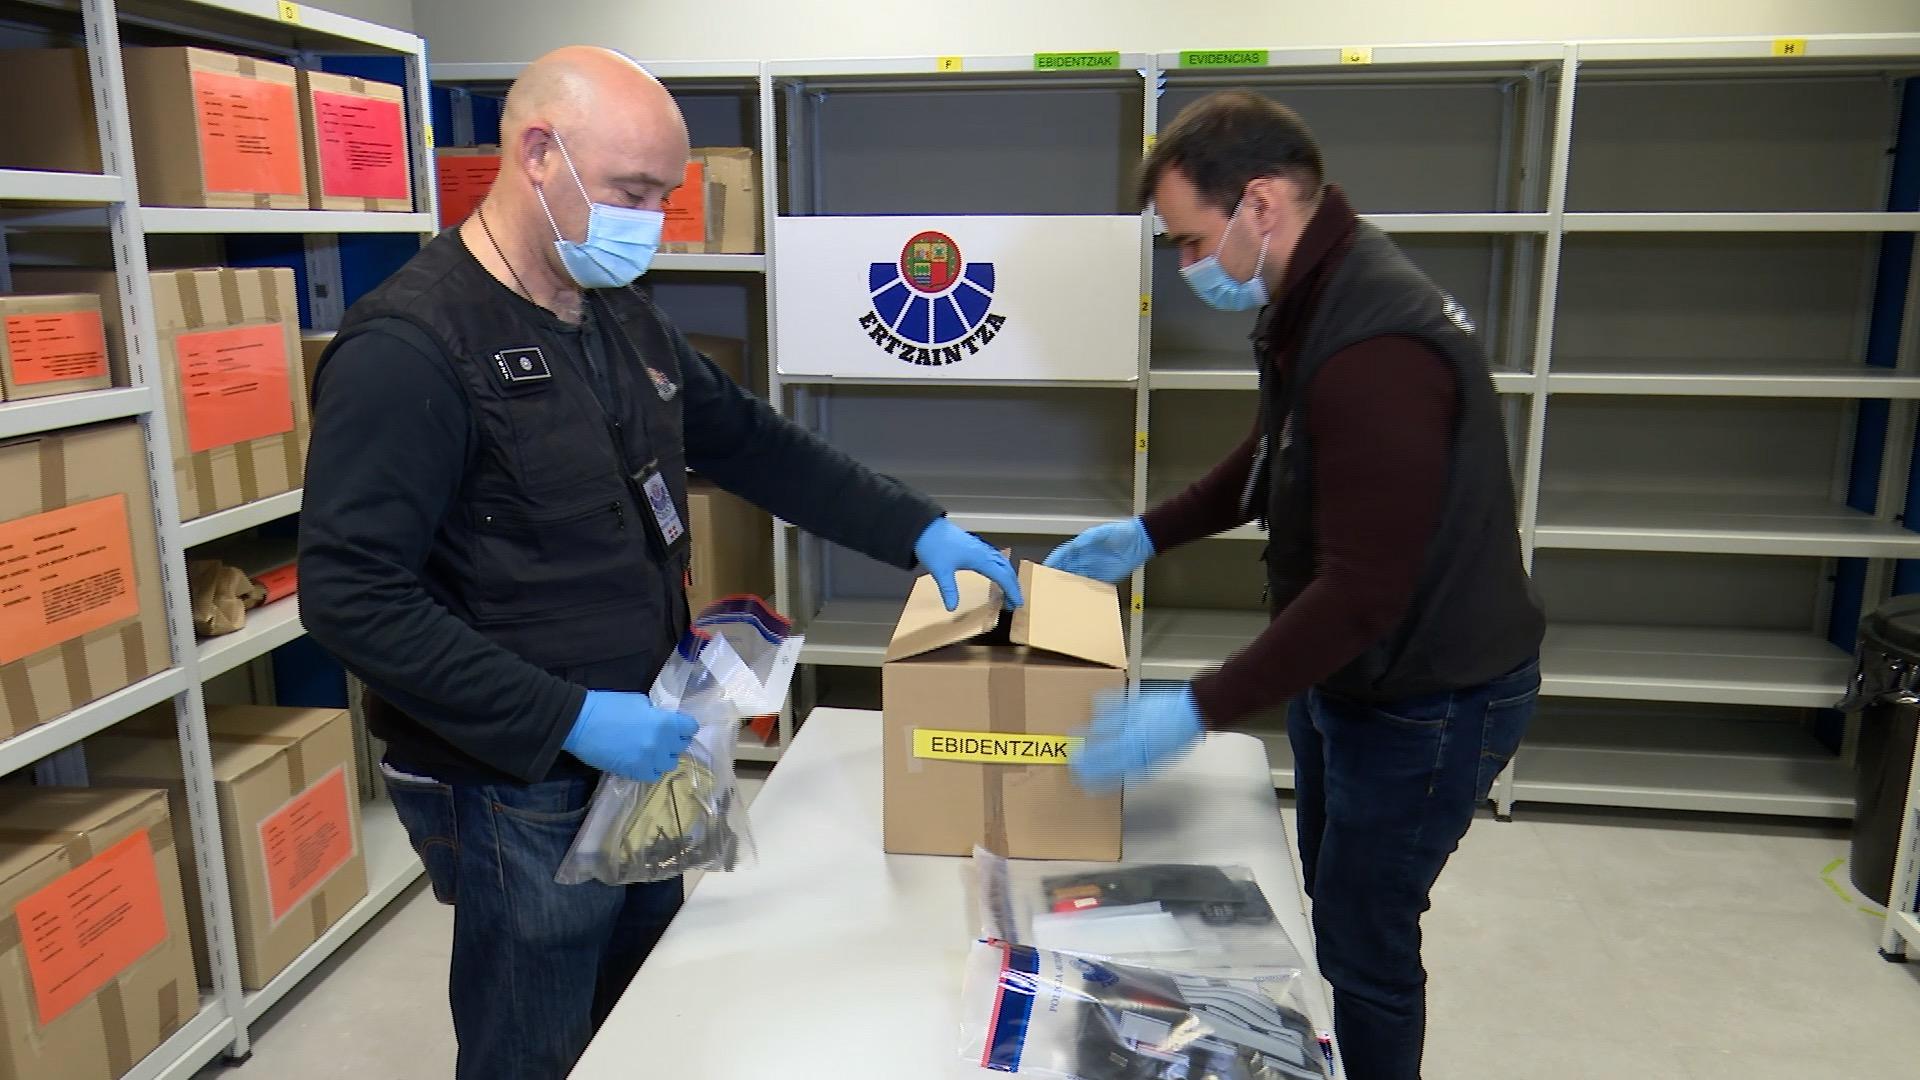 La Ertzaintza intercepta en Bilbao una célula itinerante de ladronas de pisos procedente de Francia [2:06]